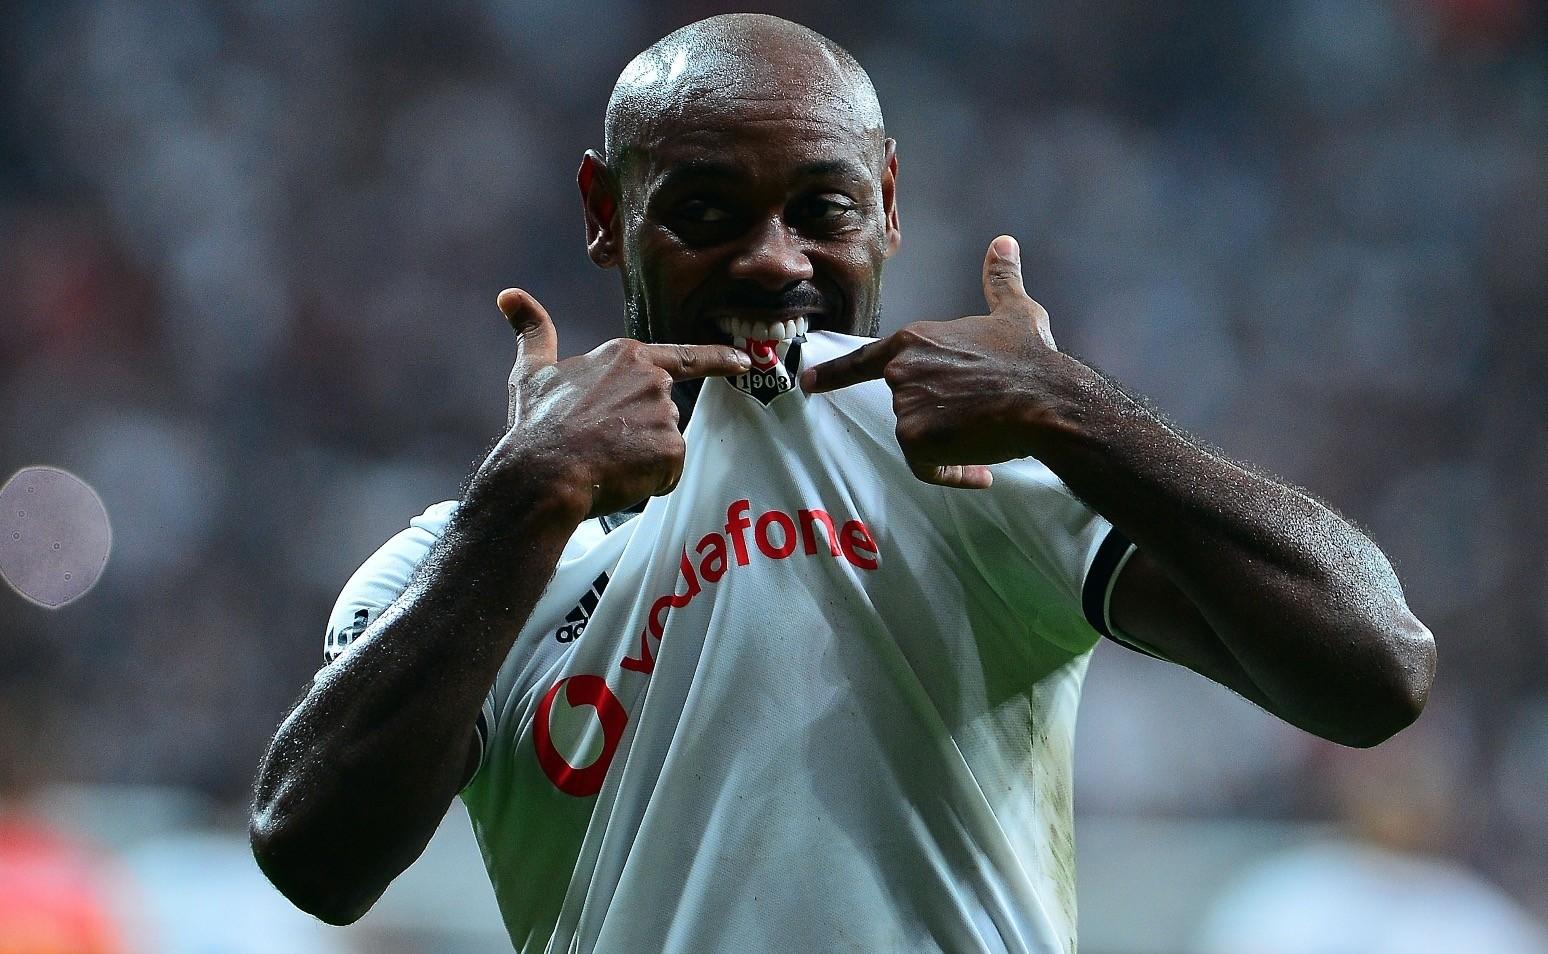 Beu015fiktau015fu2019s Vagner Love returned to the field after six weeks to score against Kayserispor on Saturday.